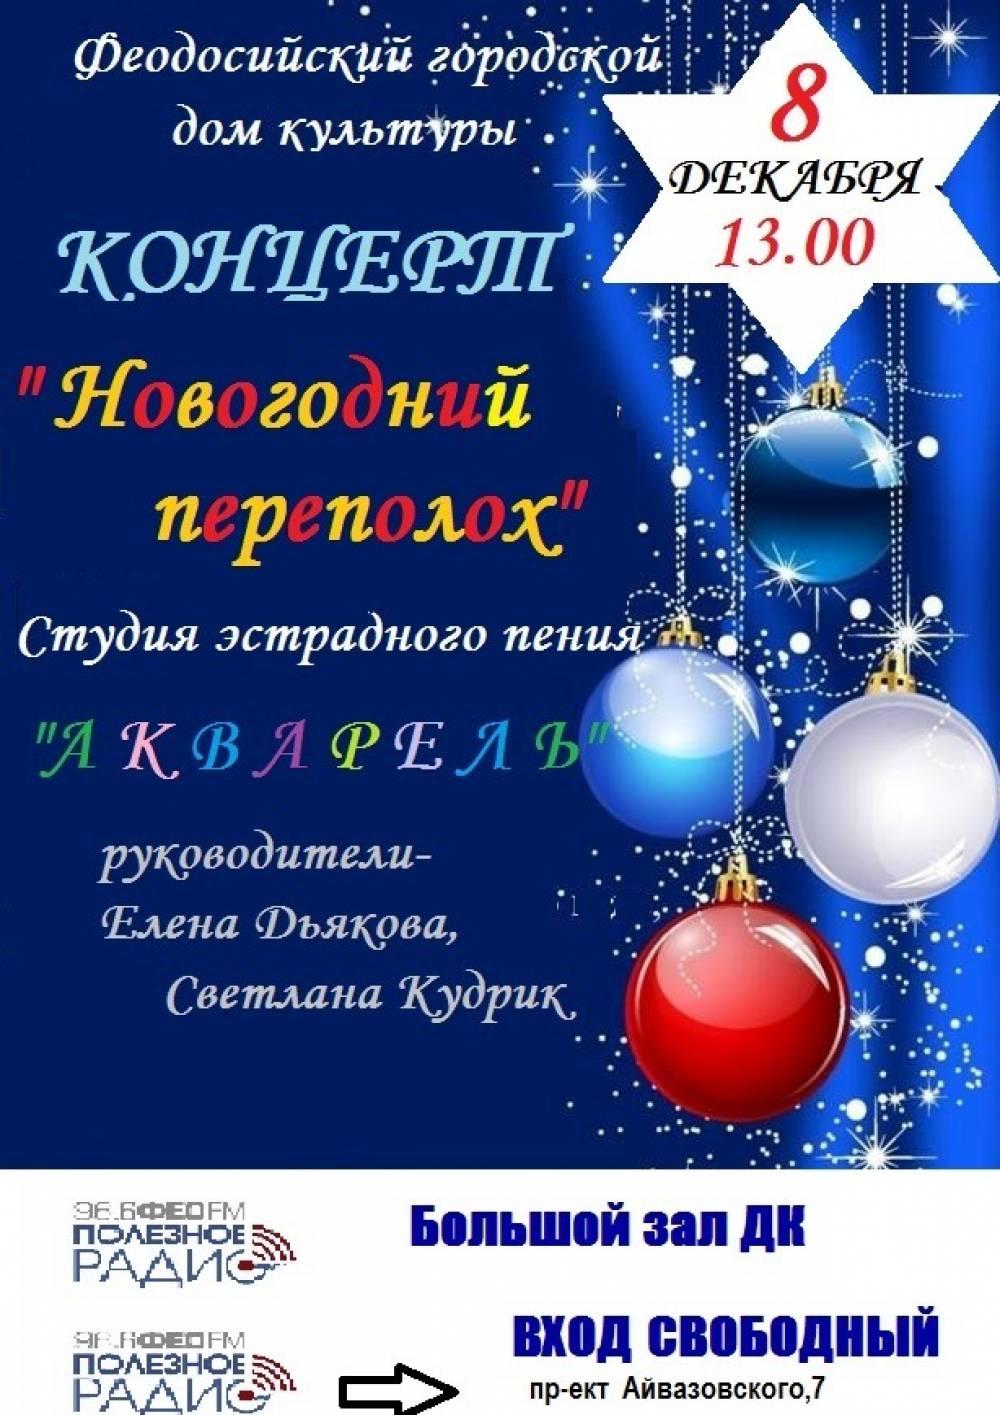 Афиша ФГДК, Феодосийский Дом культуры, мероприятия декабря